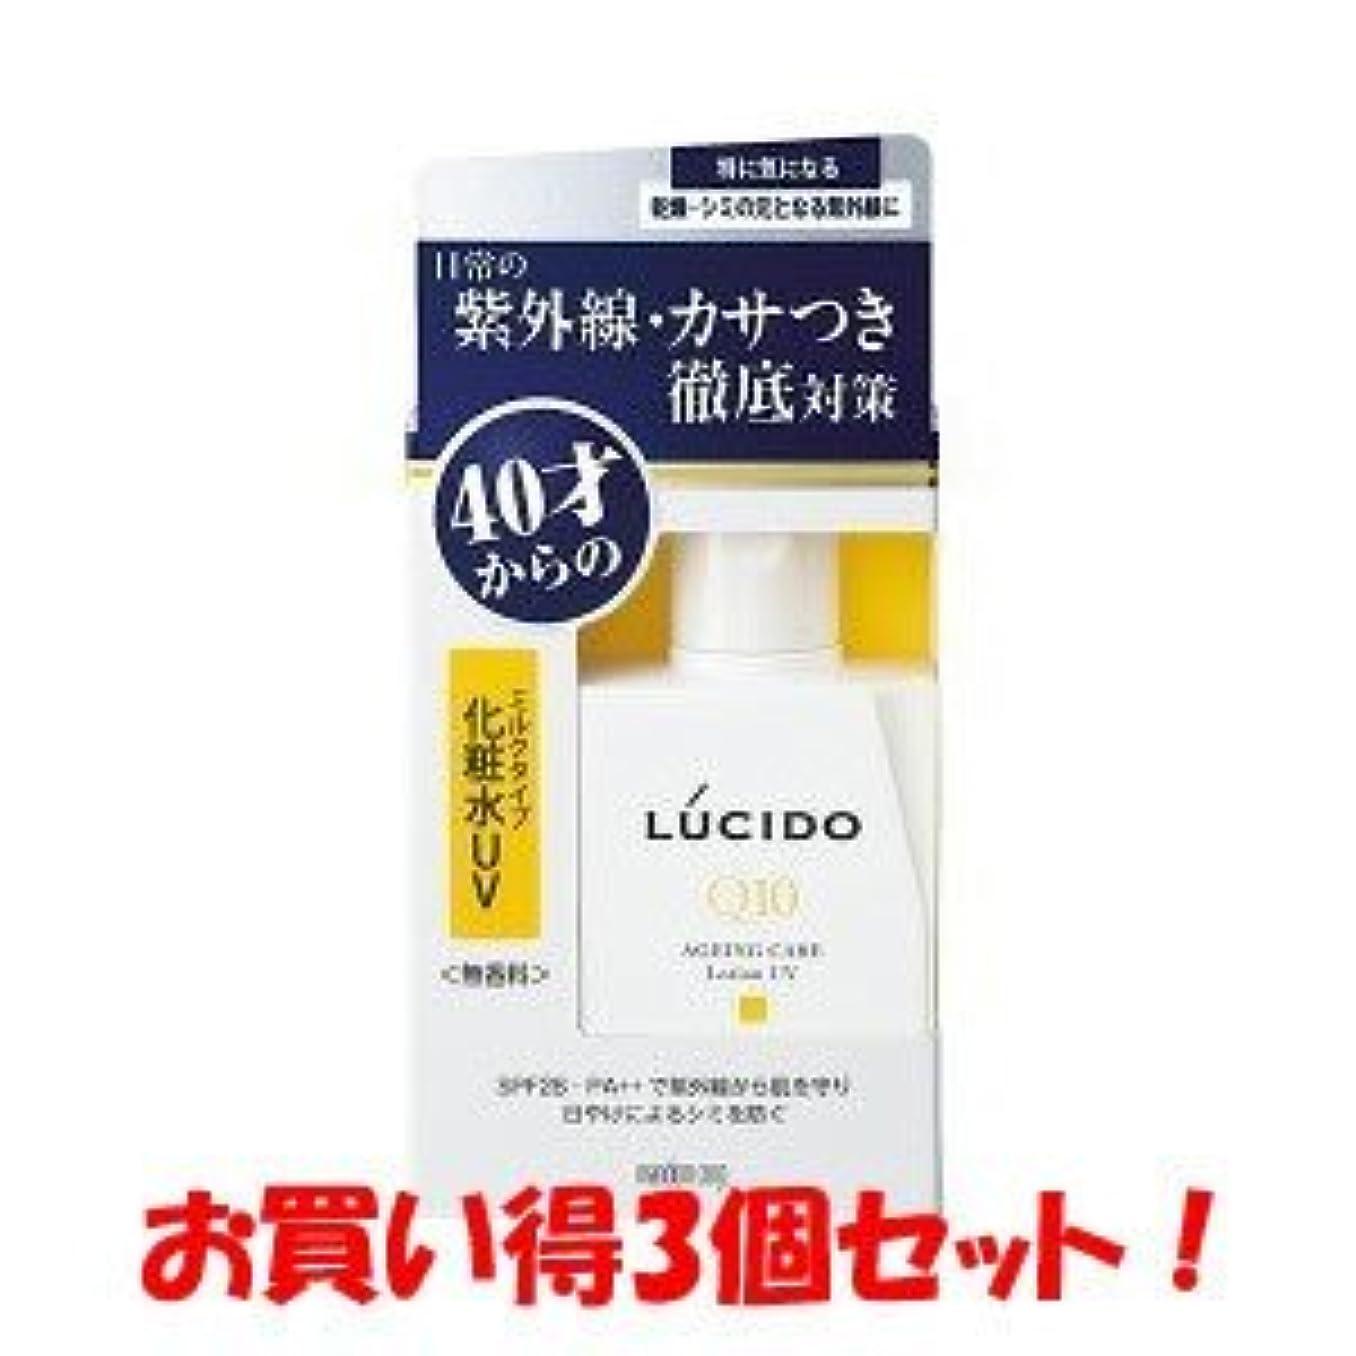 不合格信念サイクル(2017年の新商品)(マンダム)ルシード 薬用UVブロック化粧水 100ml(医薬部外品)(お買い得3個セット)